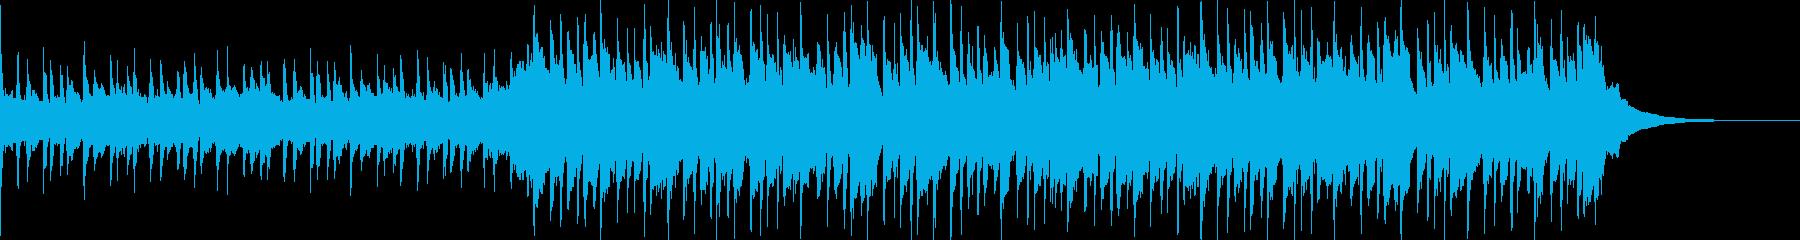 CMや映像、ウクレレ、ハッピー、ポップbの再生済みの波形